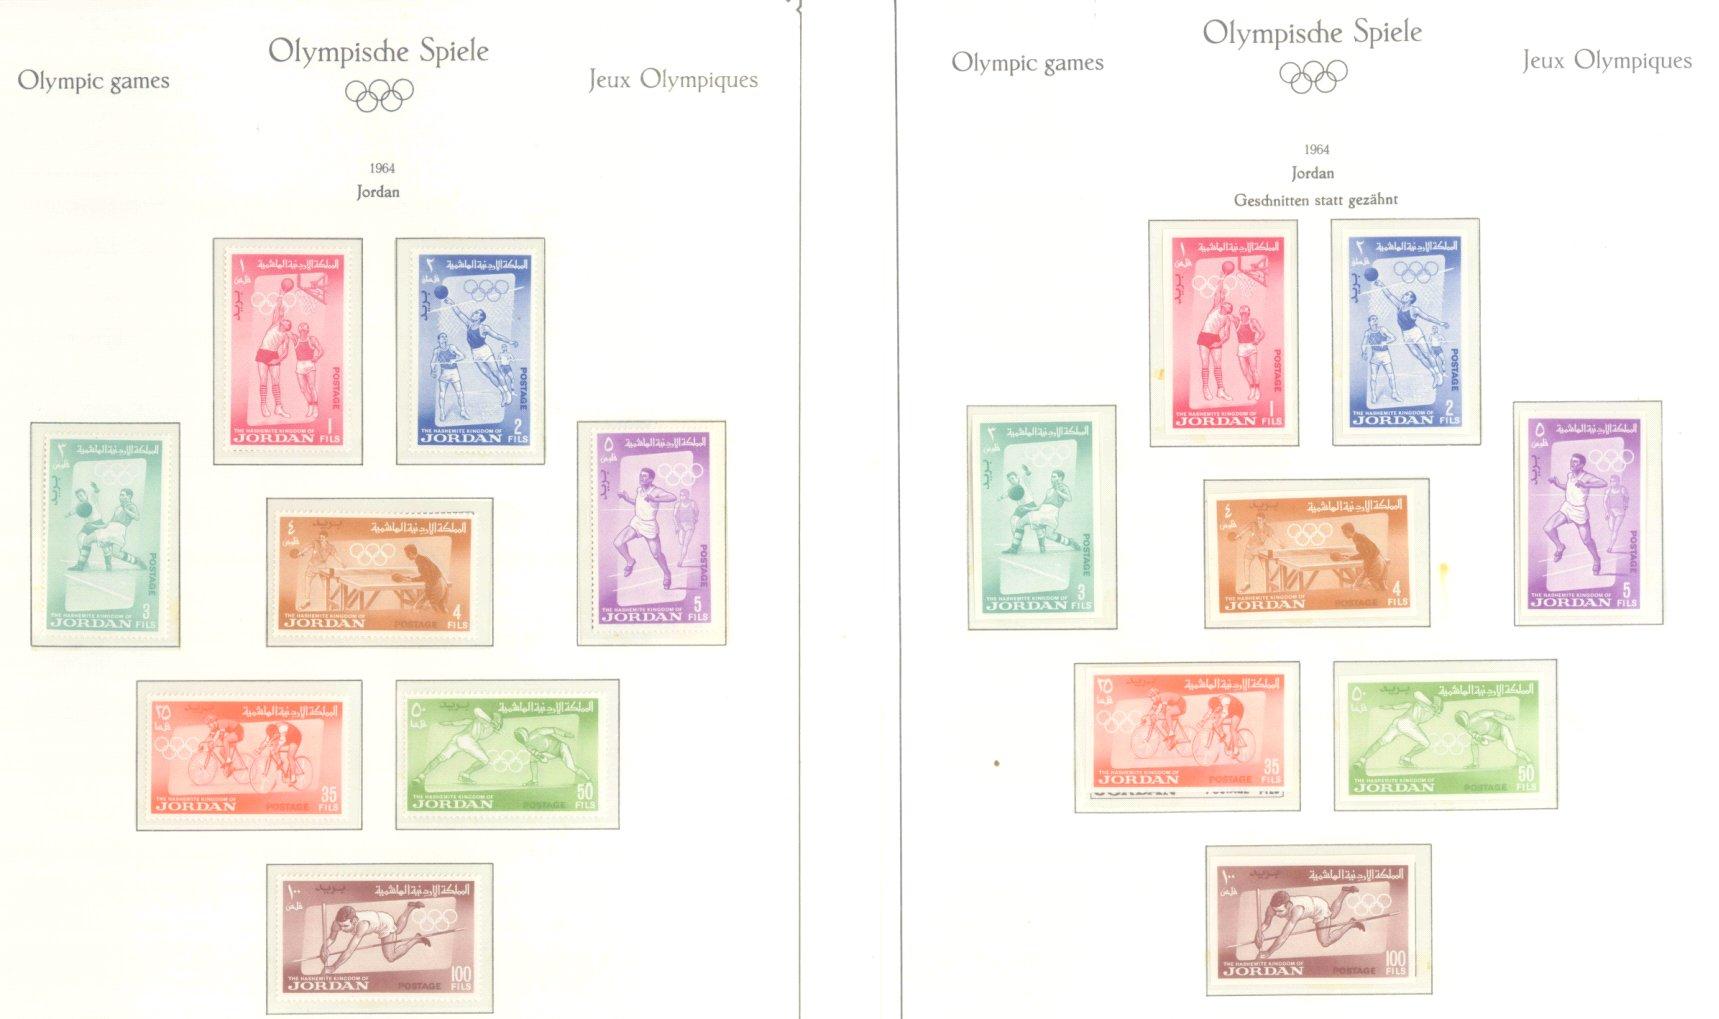 OLYMPISCHE SPIELE 1964 TOKIO, postfrische Sammlung Teil 1-29